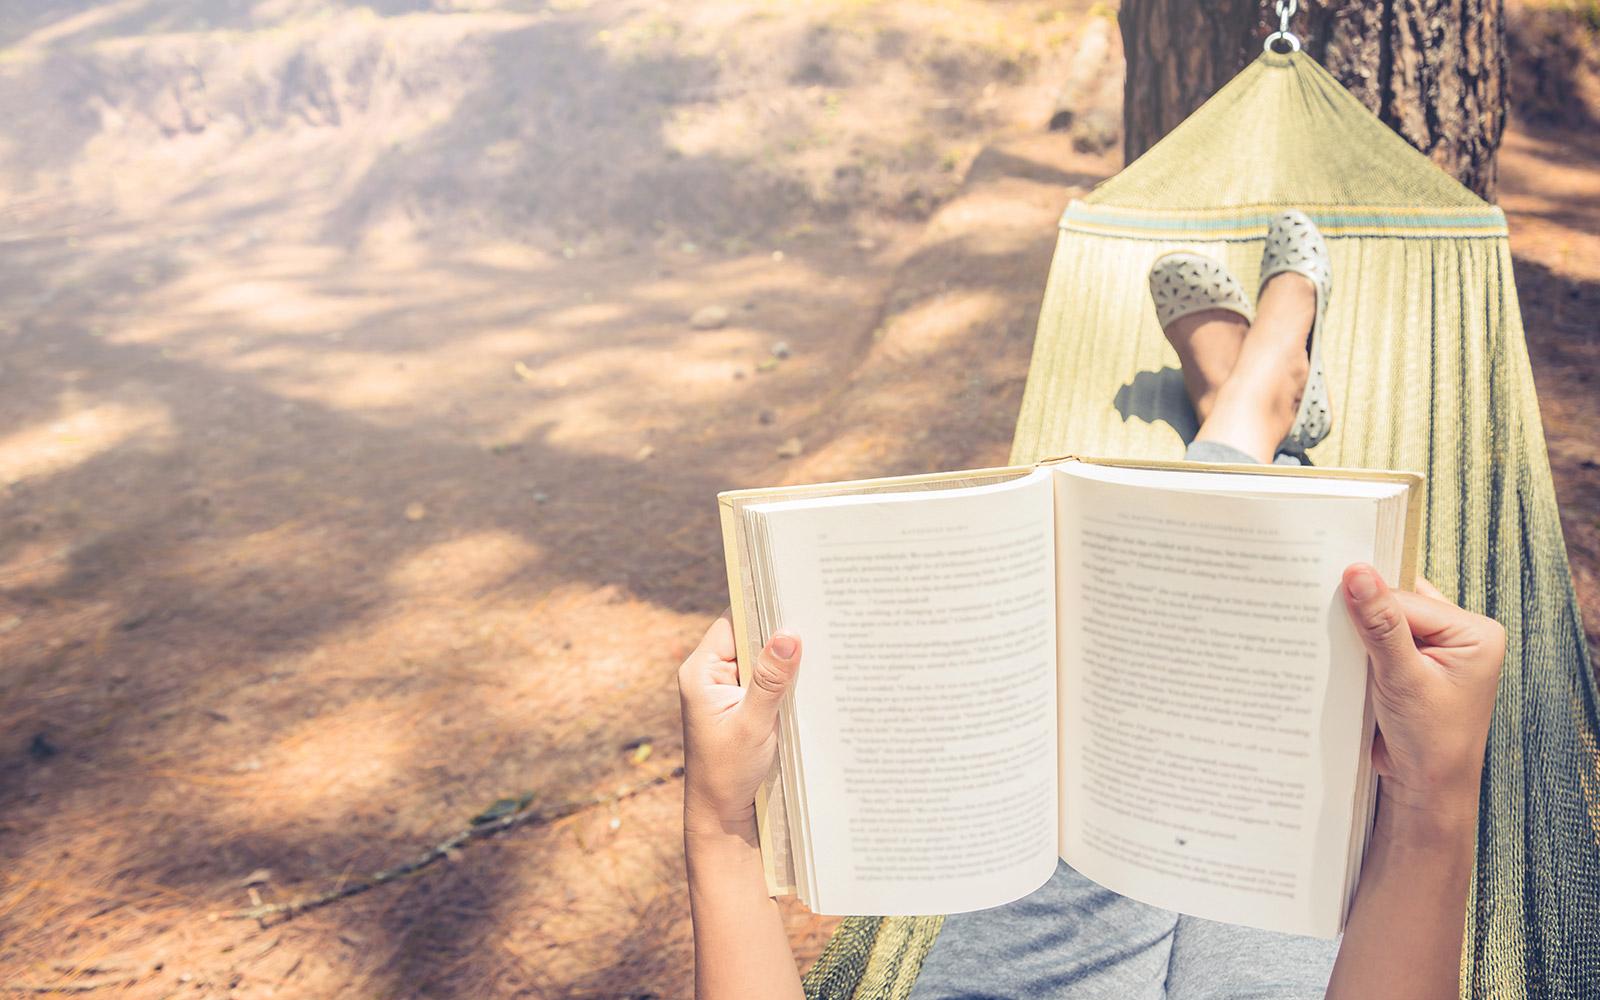 Wissbegierig in der Freizeit? Unsere Tipps zu spannender Sommerlektüre